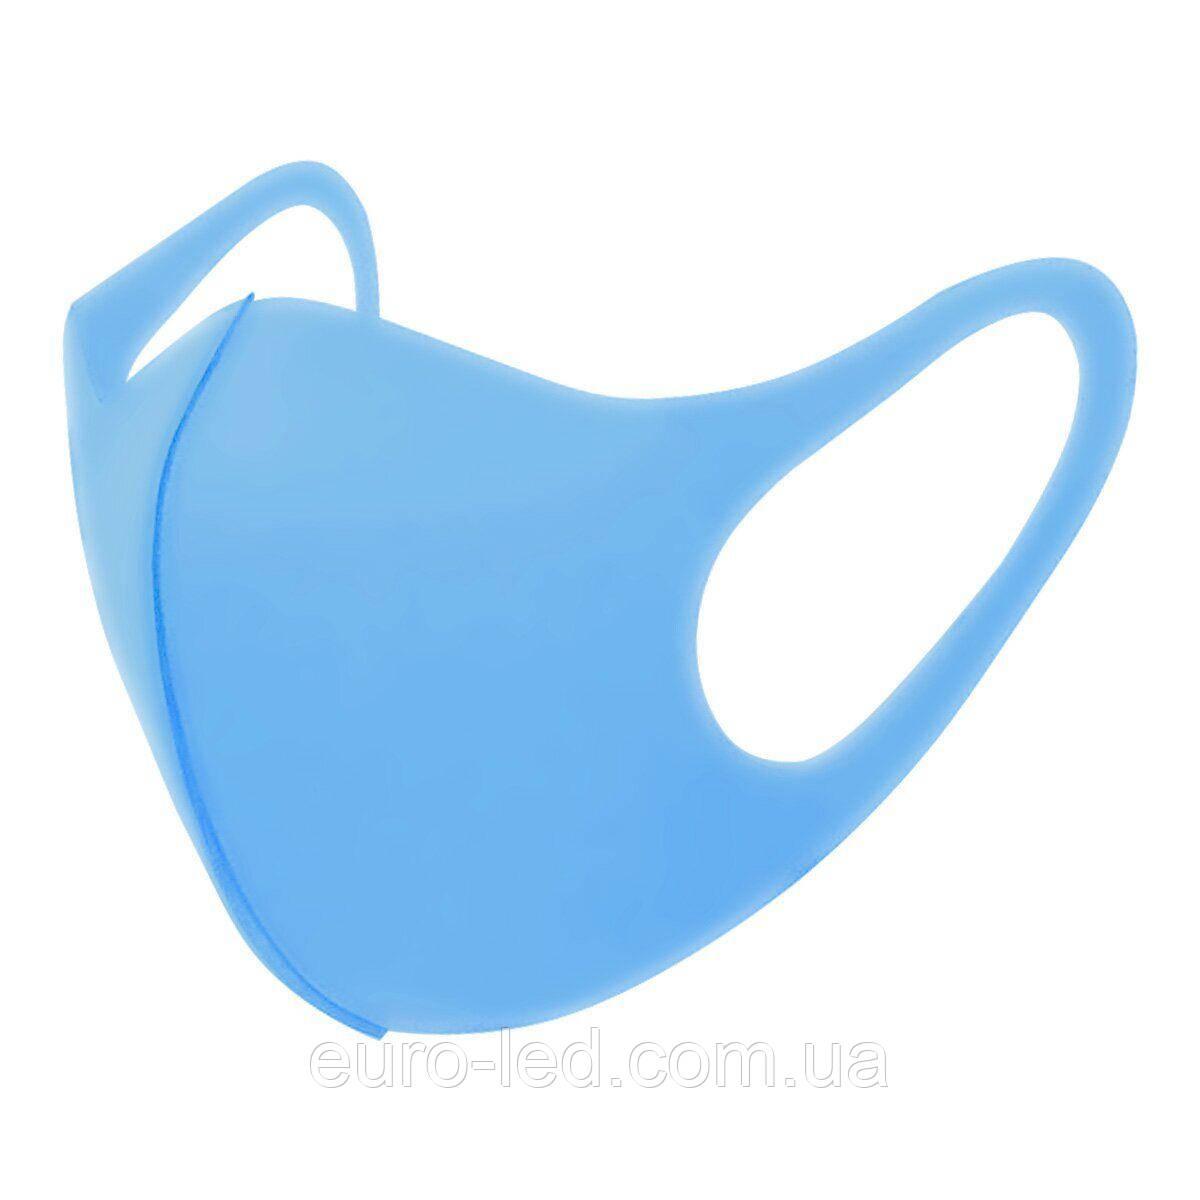 Защитная маска Pitta Ocean PA-O, размер: взрослый, голубой